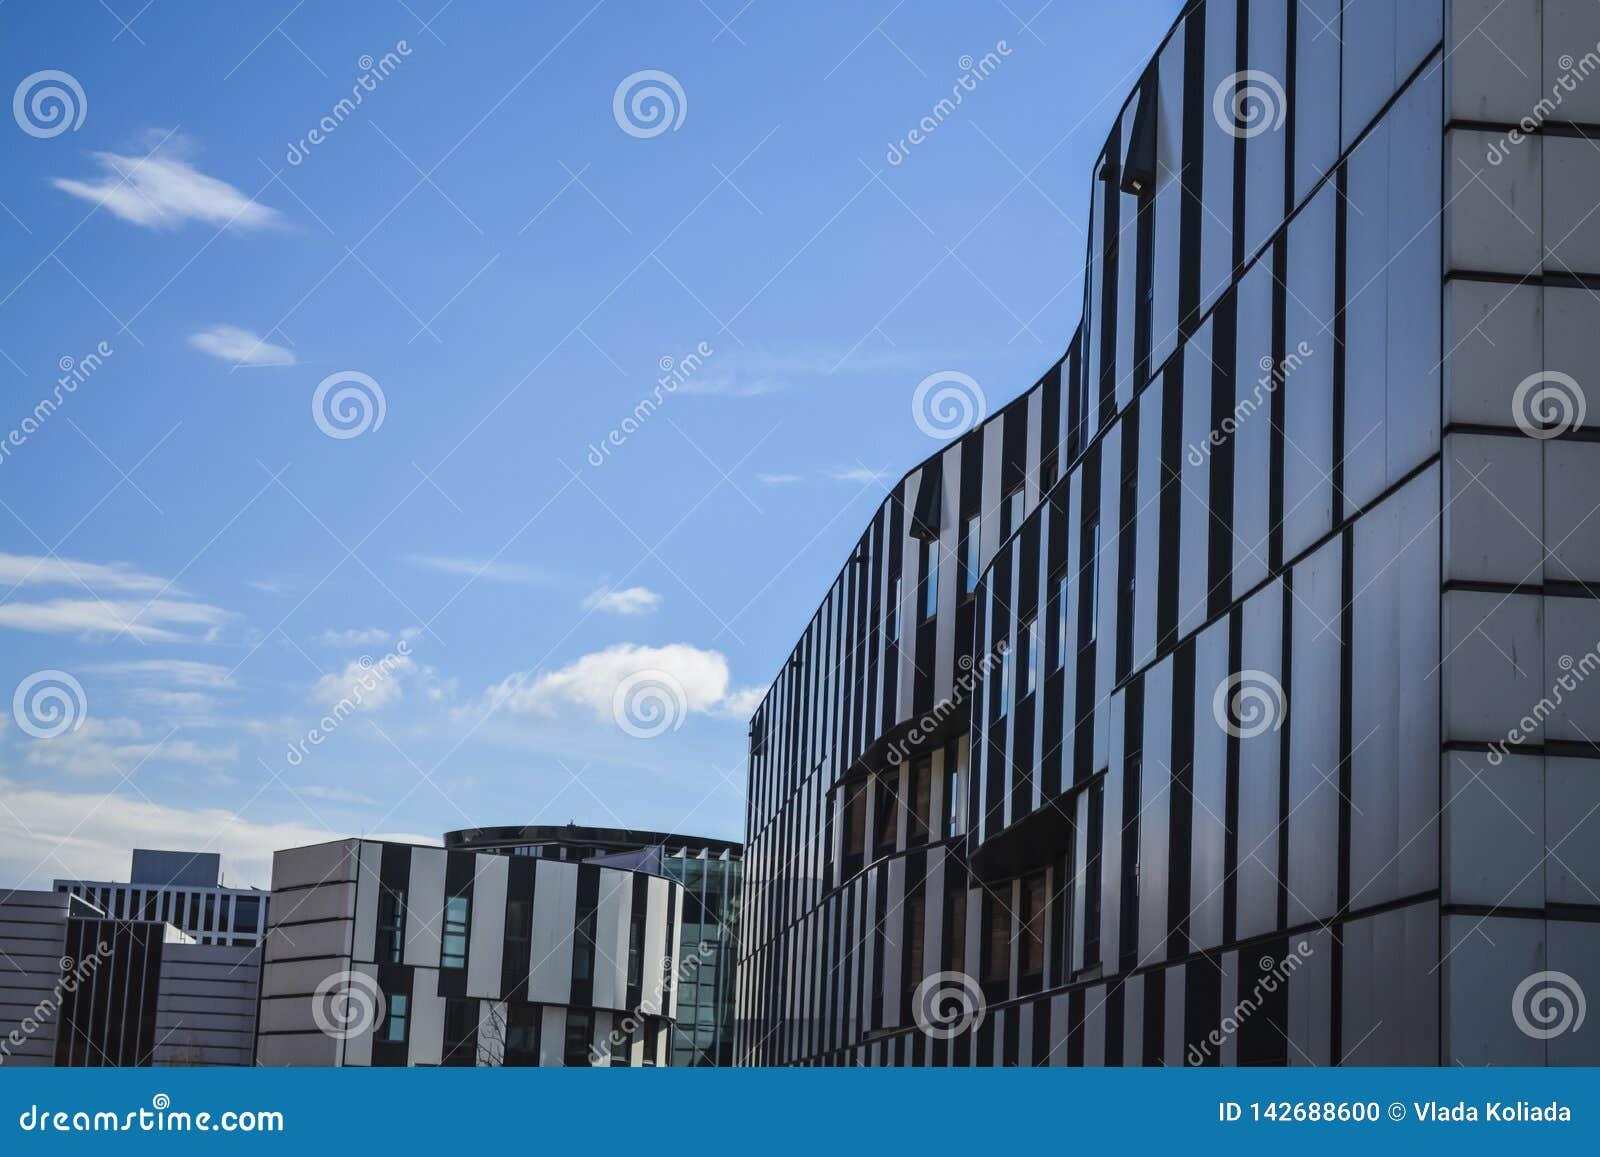 Βιβλιοθήκη του οικονομικού πανεπιστημίου Αυστρία Βιέννη 1 03 2019 Σύγχρονα κτήρια των ασυνήθιστων μορφών από το γυαλί και το μέτα